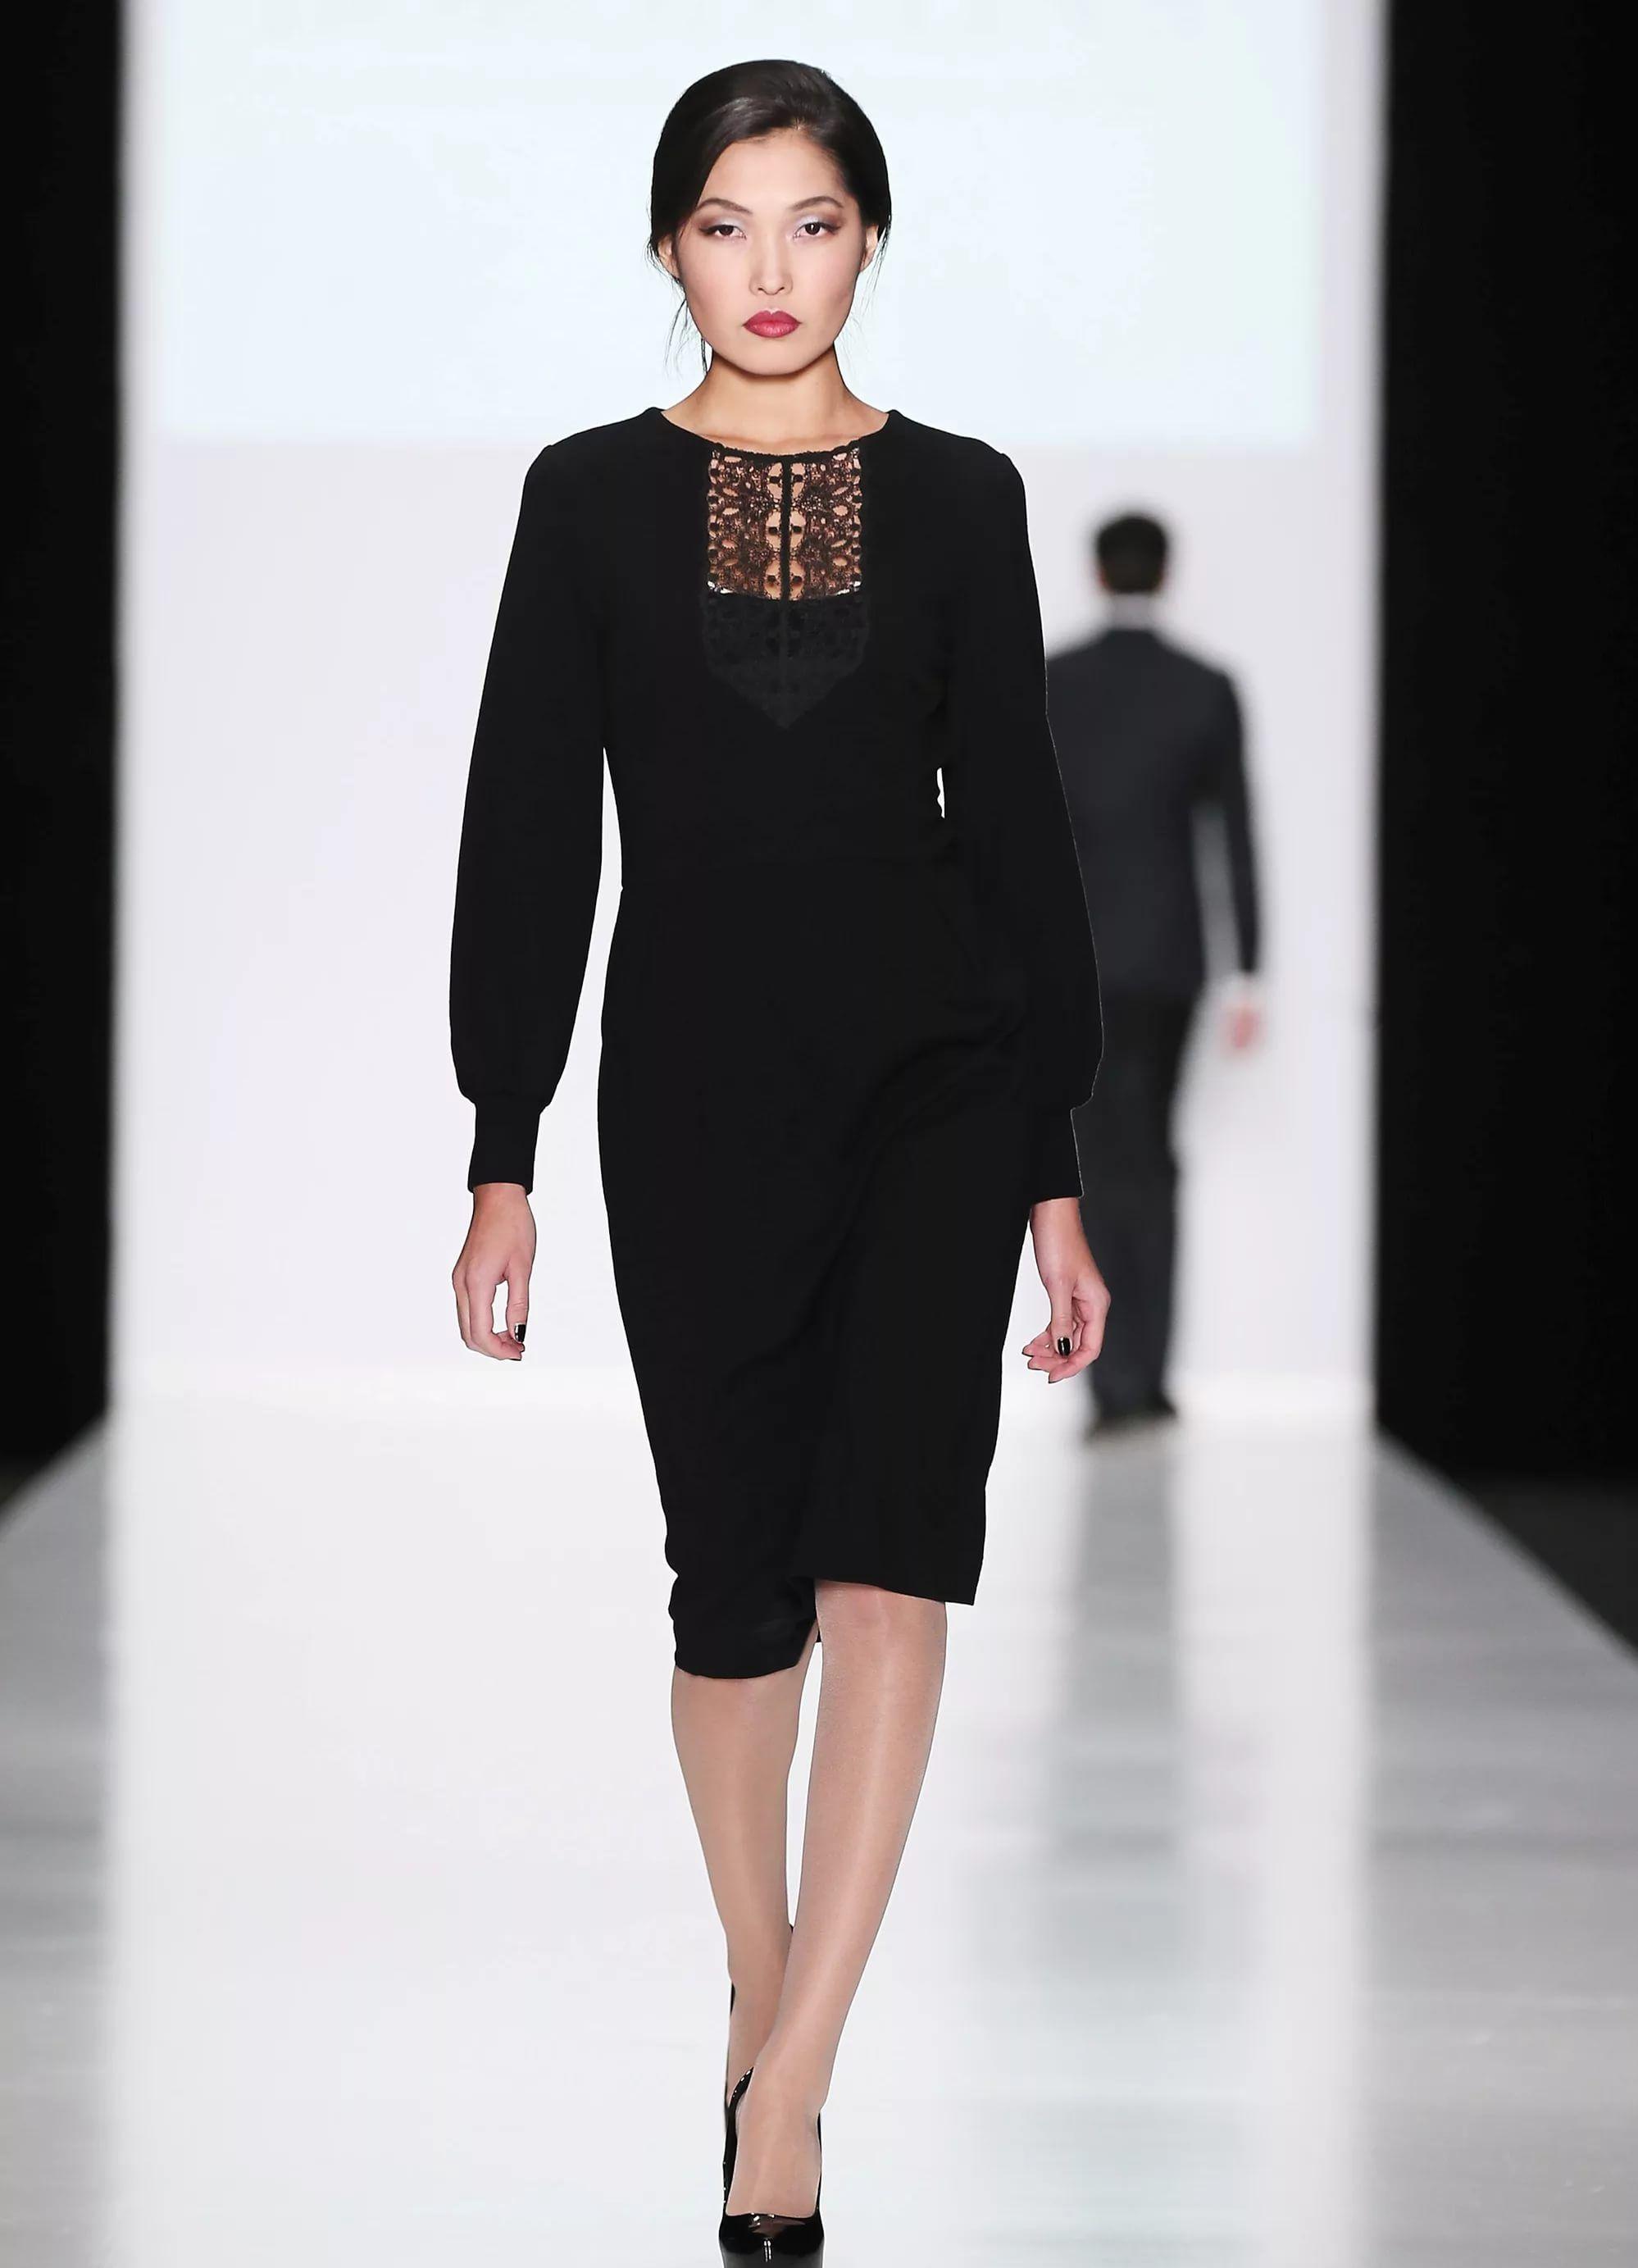 Официально-деловой стиль в одежде | Модные стили, Недели ...